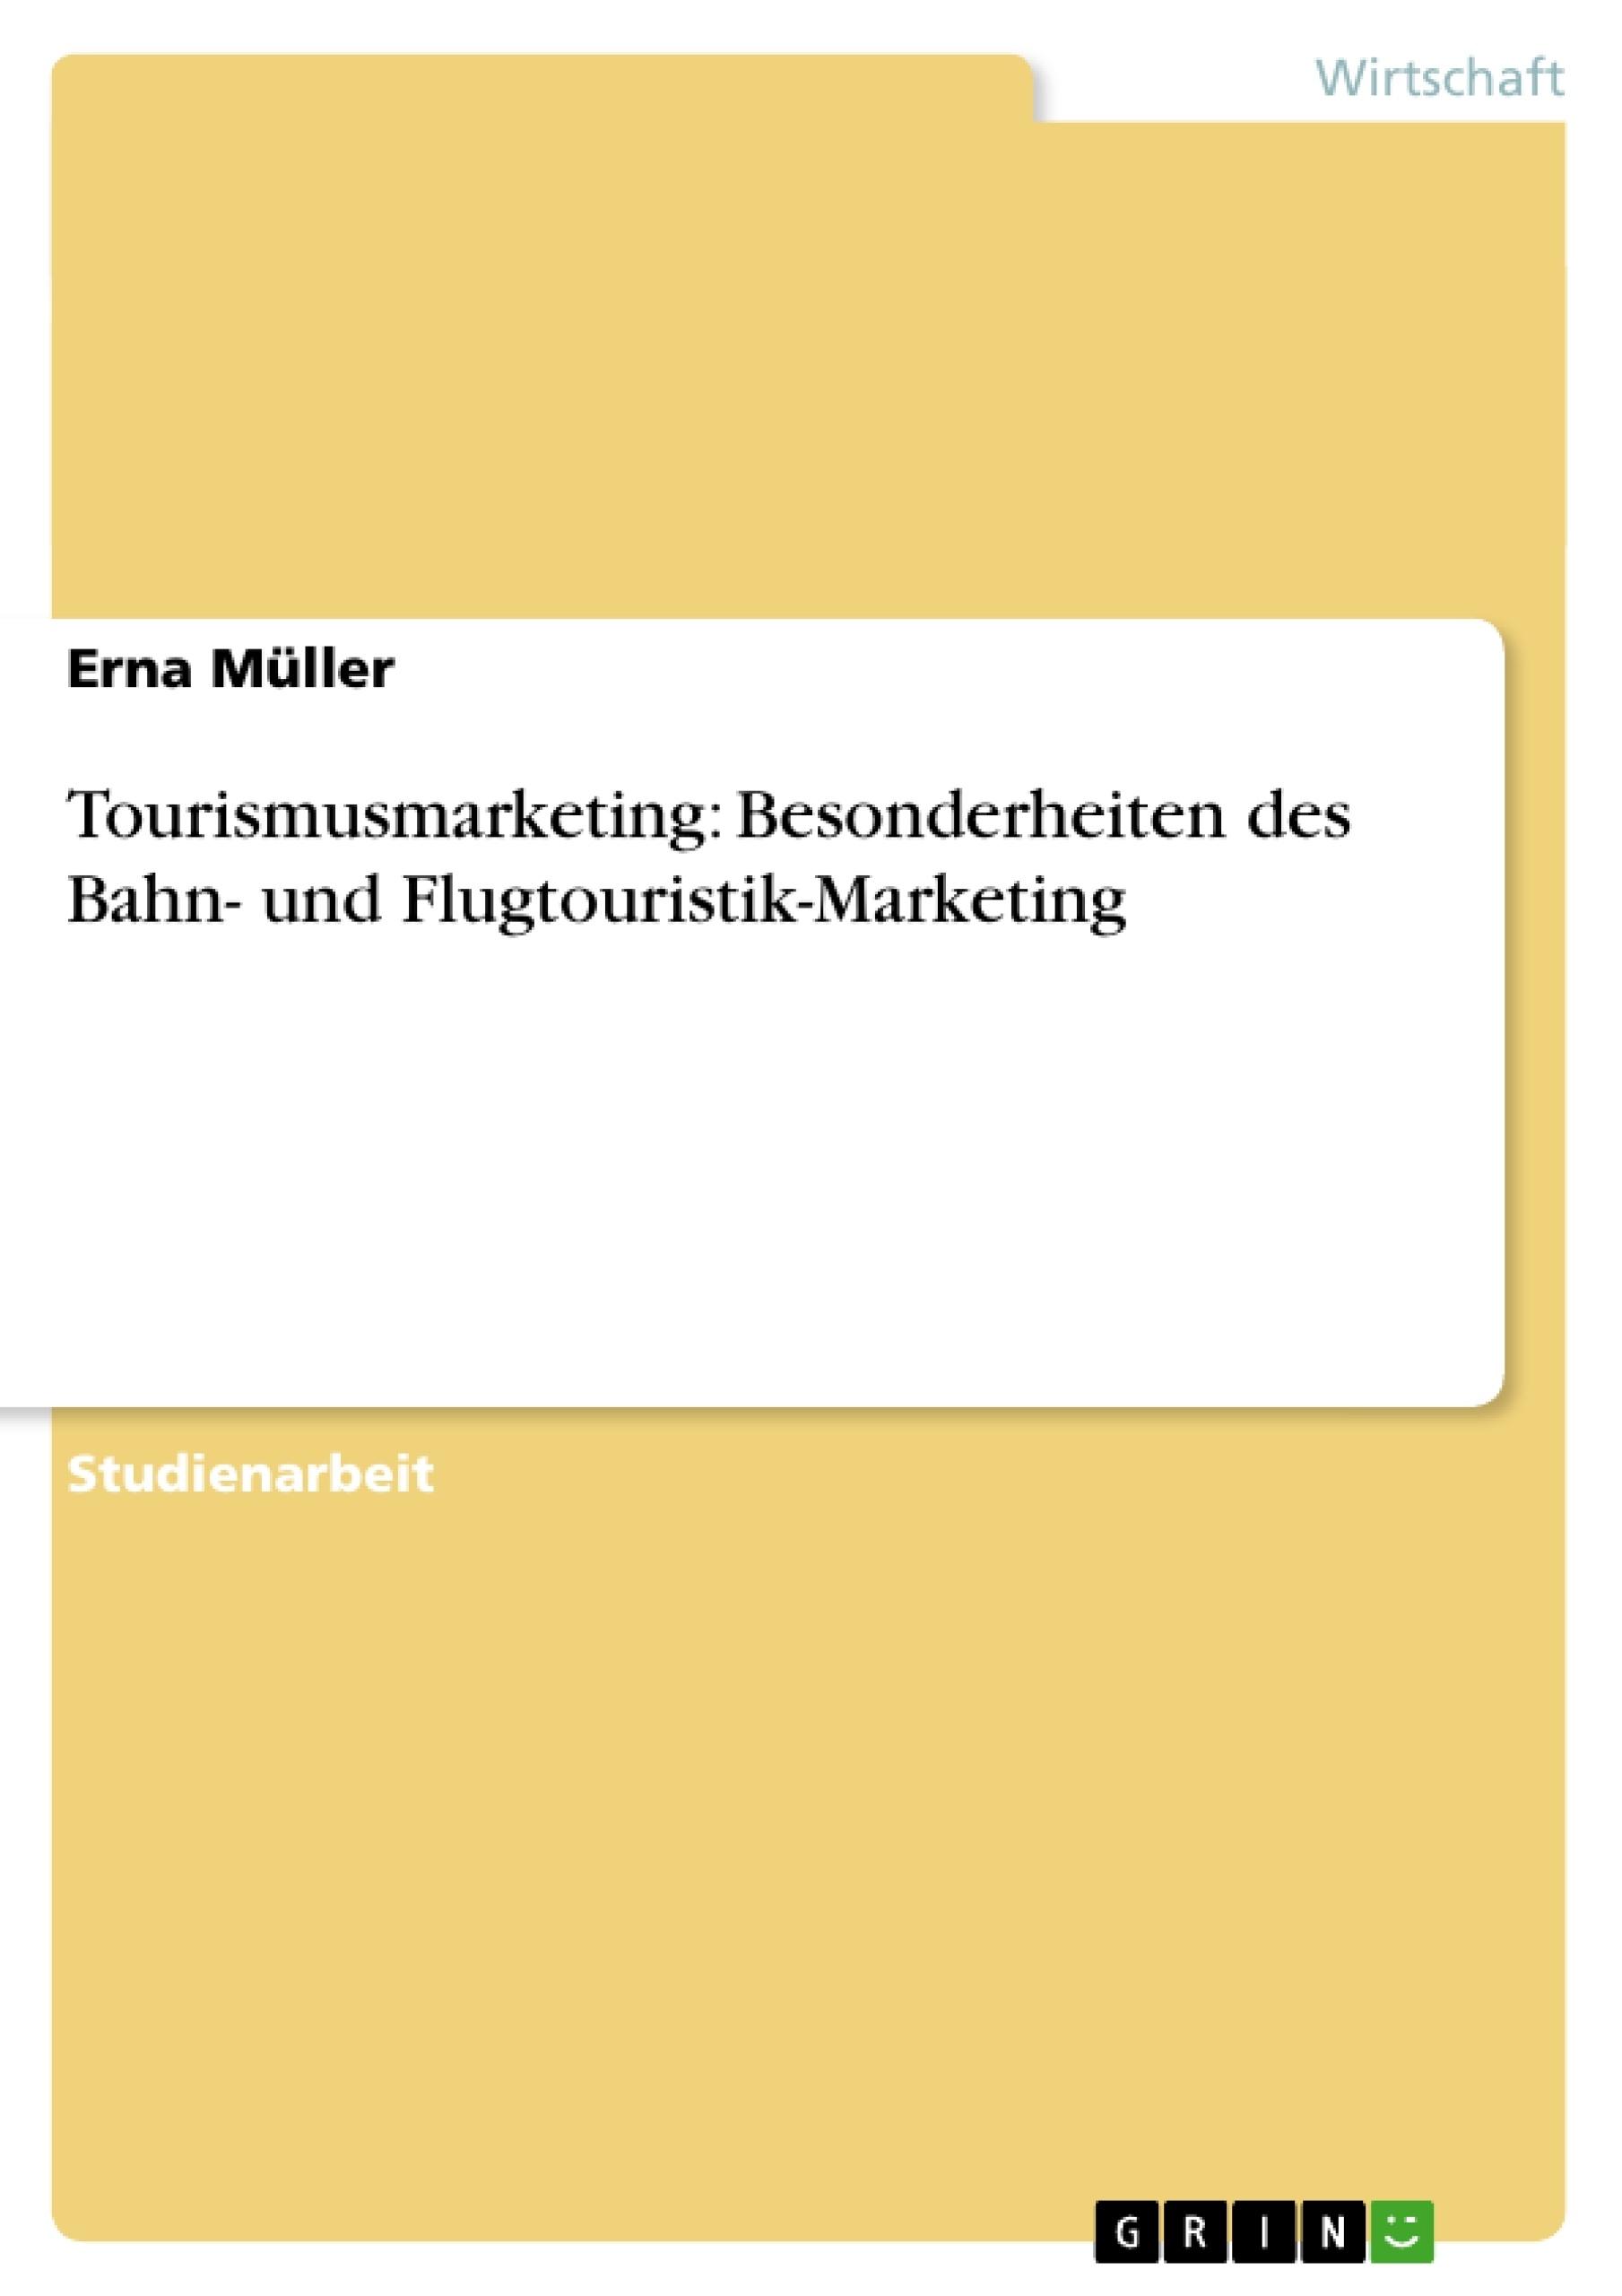 Titel: Tourismusmarketing: Besonderheiten des Bahn- und Flugtouristik-Marketing